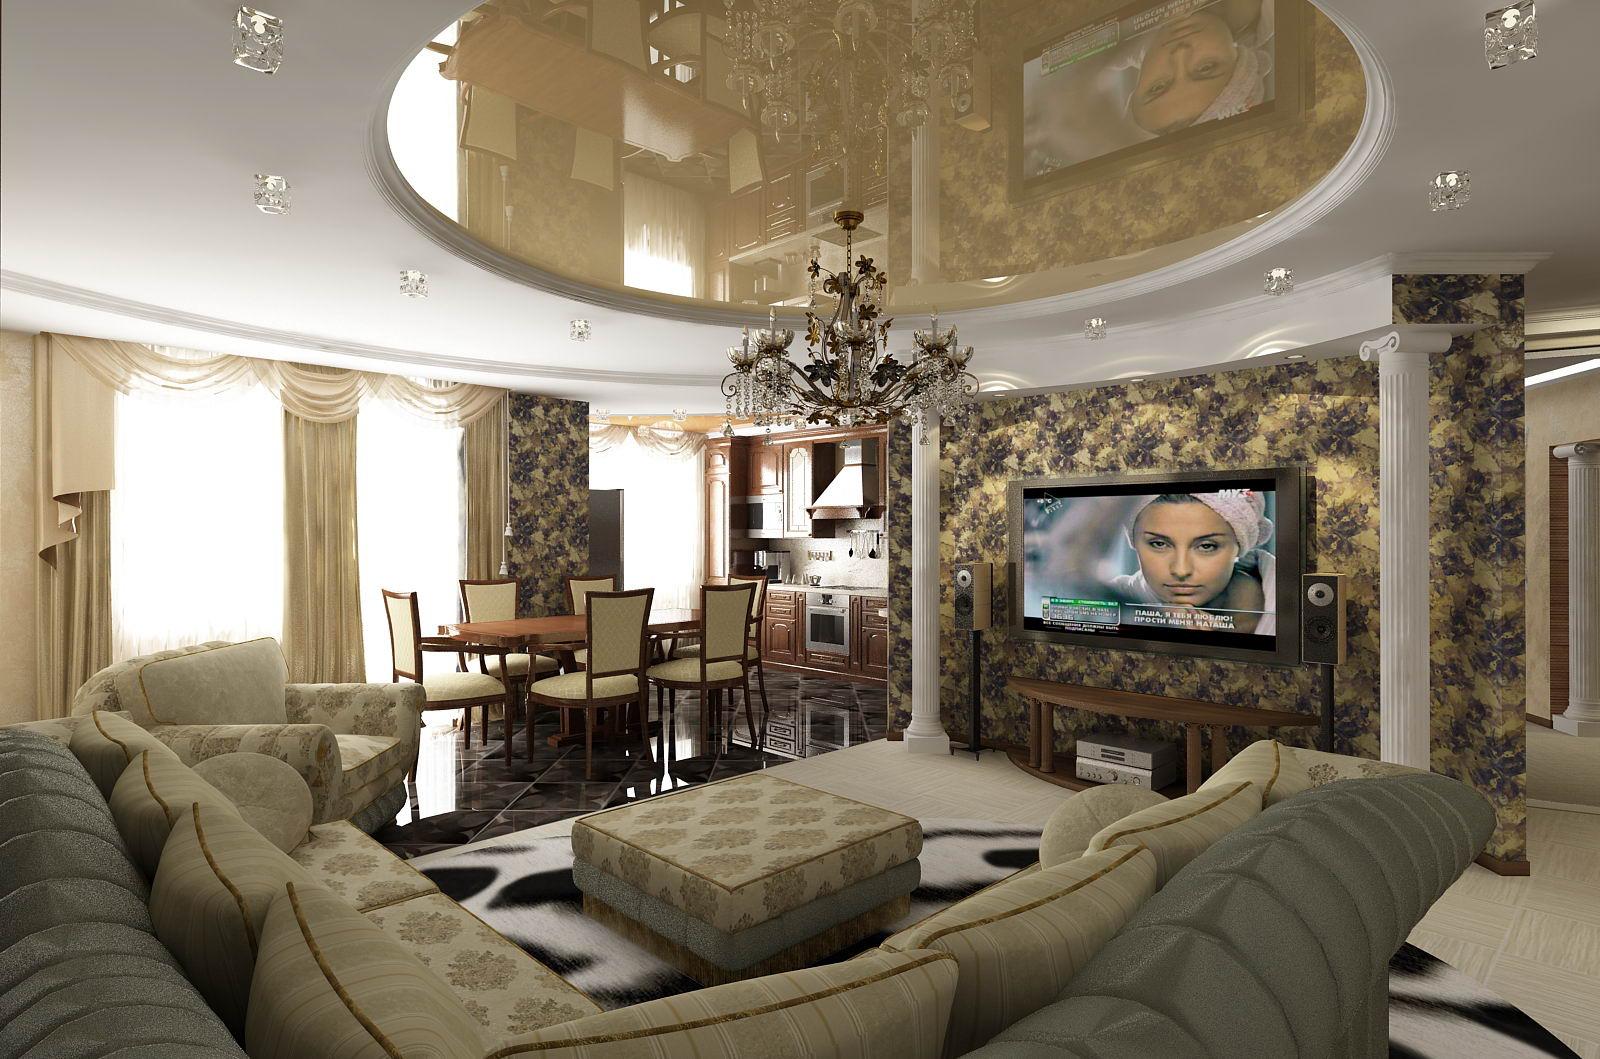 дизайн интерьера гостиной кухни столовой 5 ти комнатной квартиры